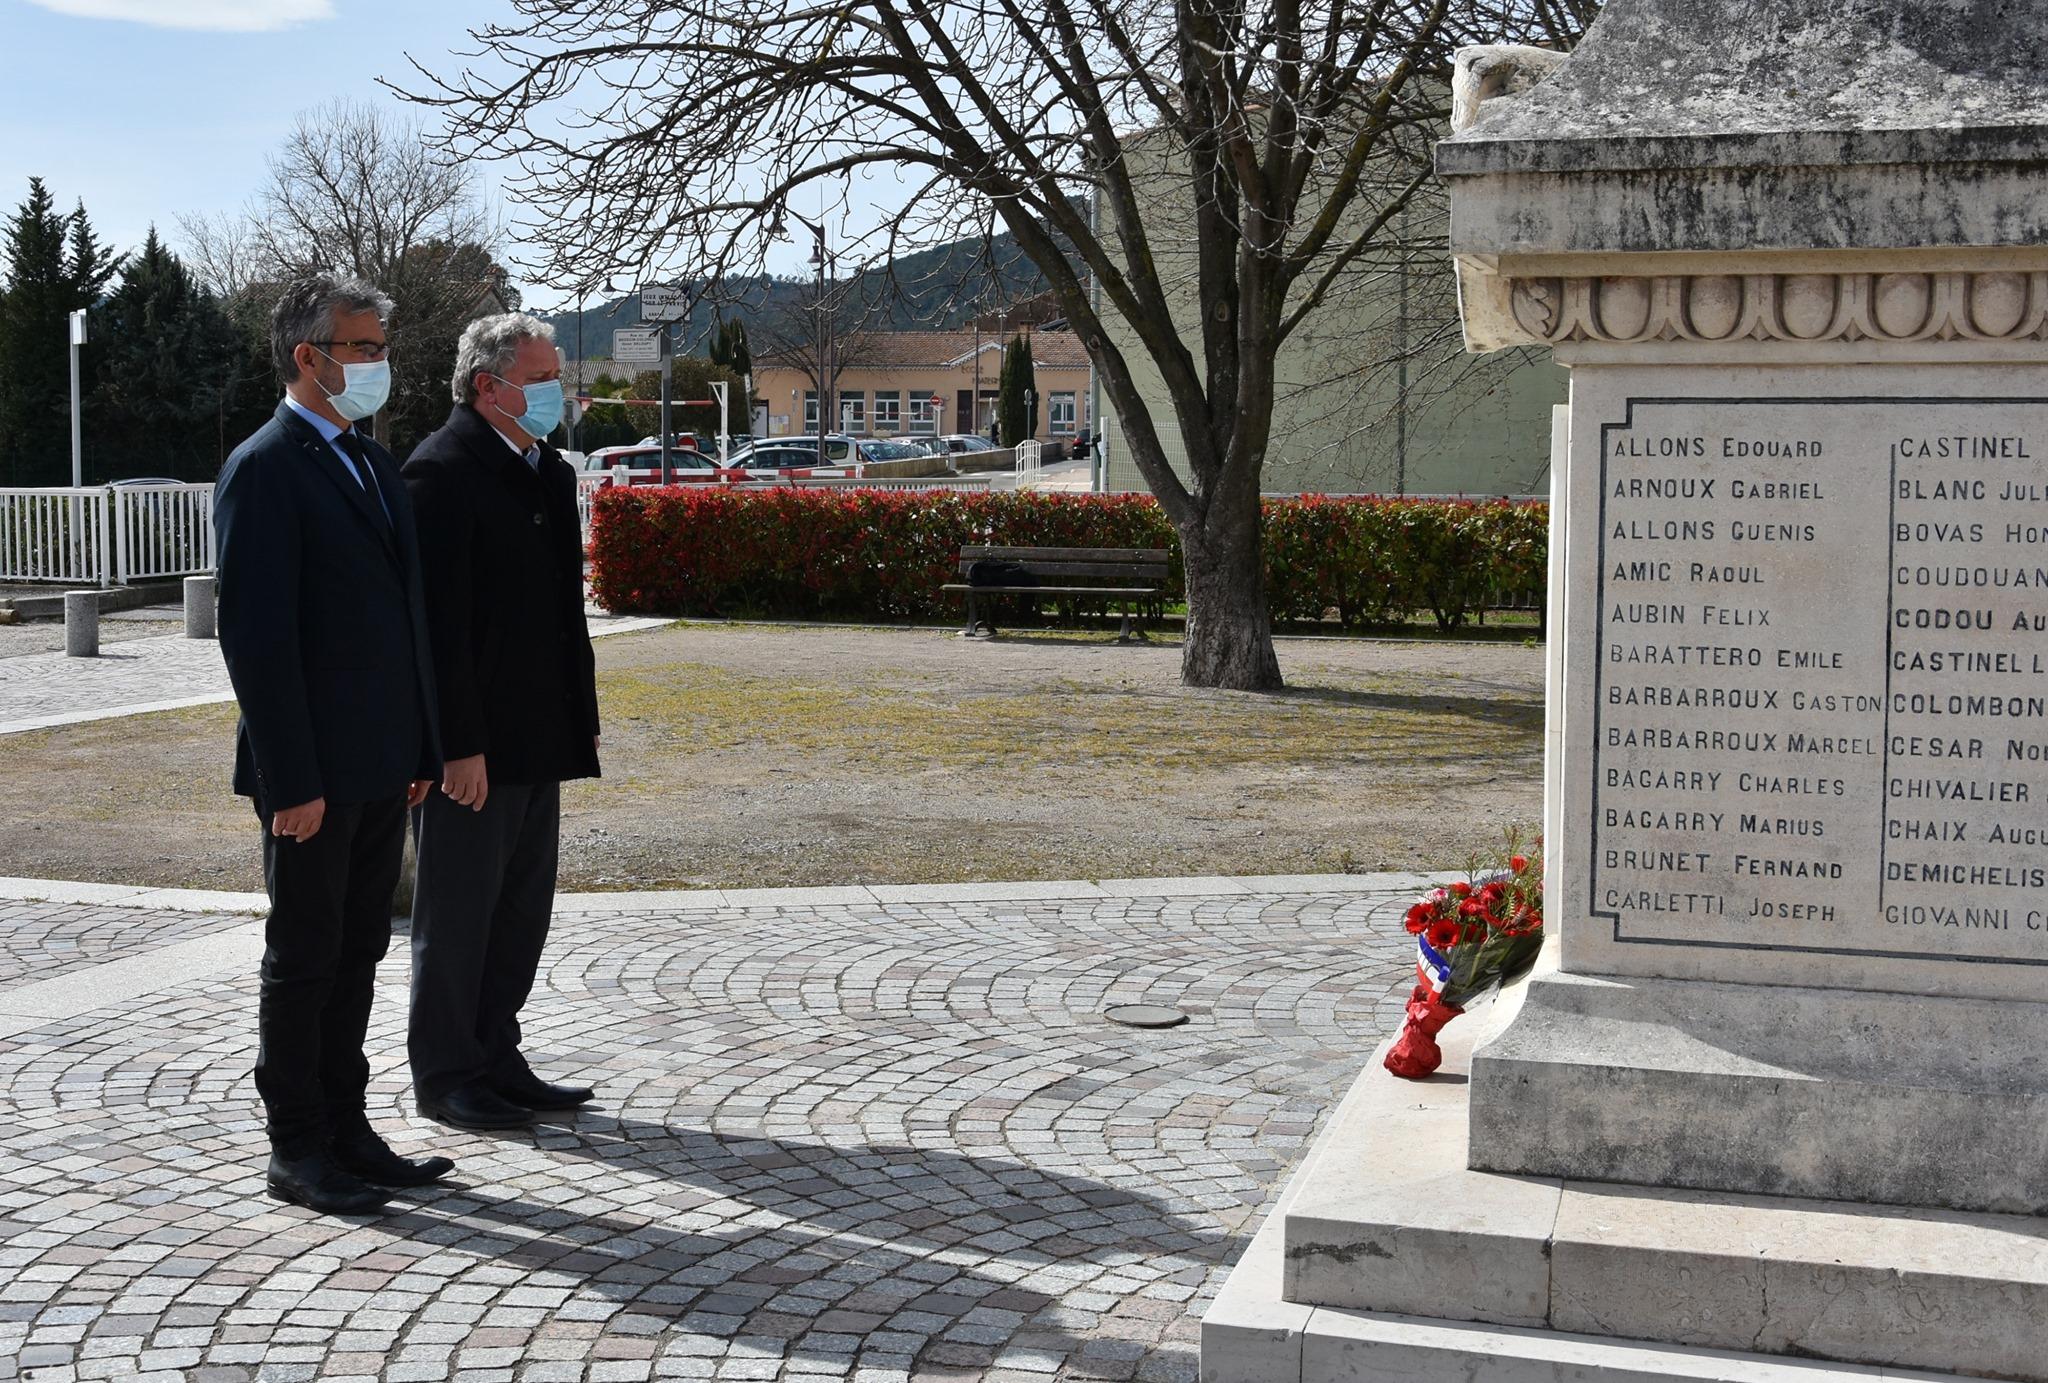 CÉRÉMONIE D'HOMMAGE NATIONAL AUX VICTIMES DU TERRORISME (11 MARS)